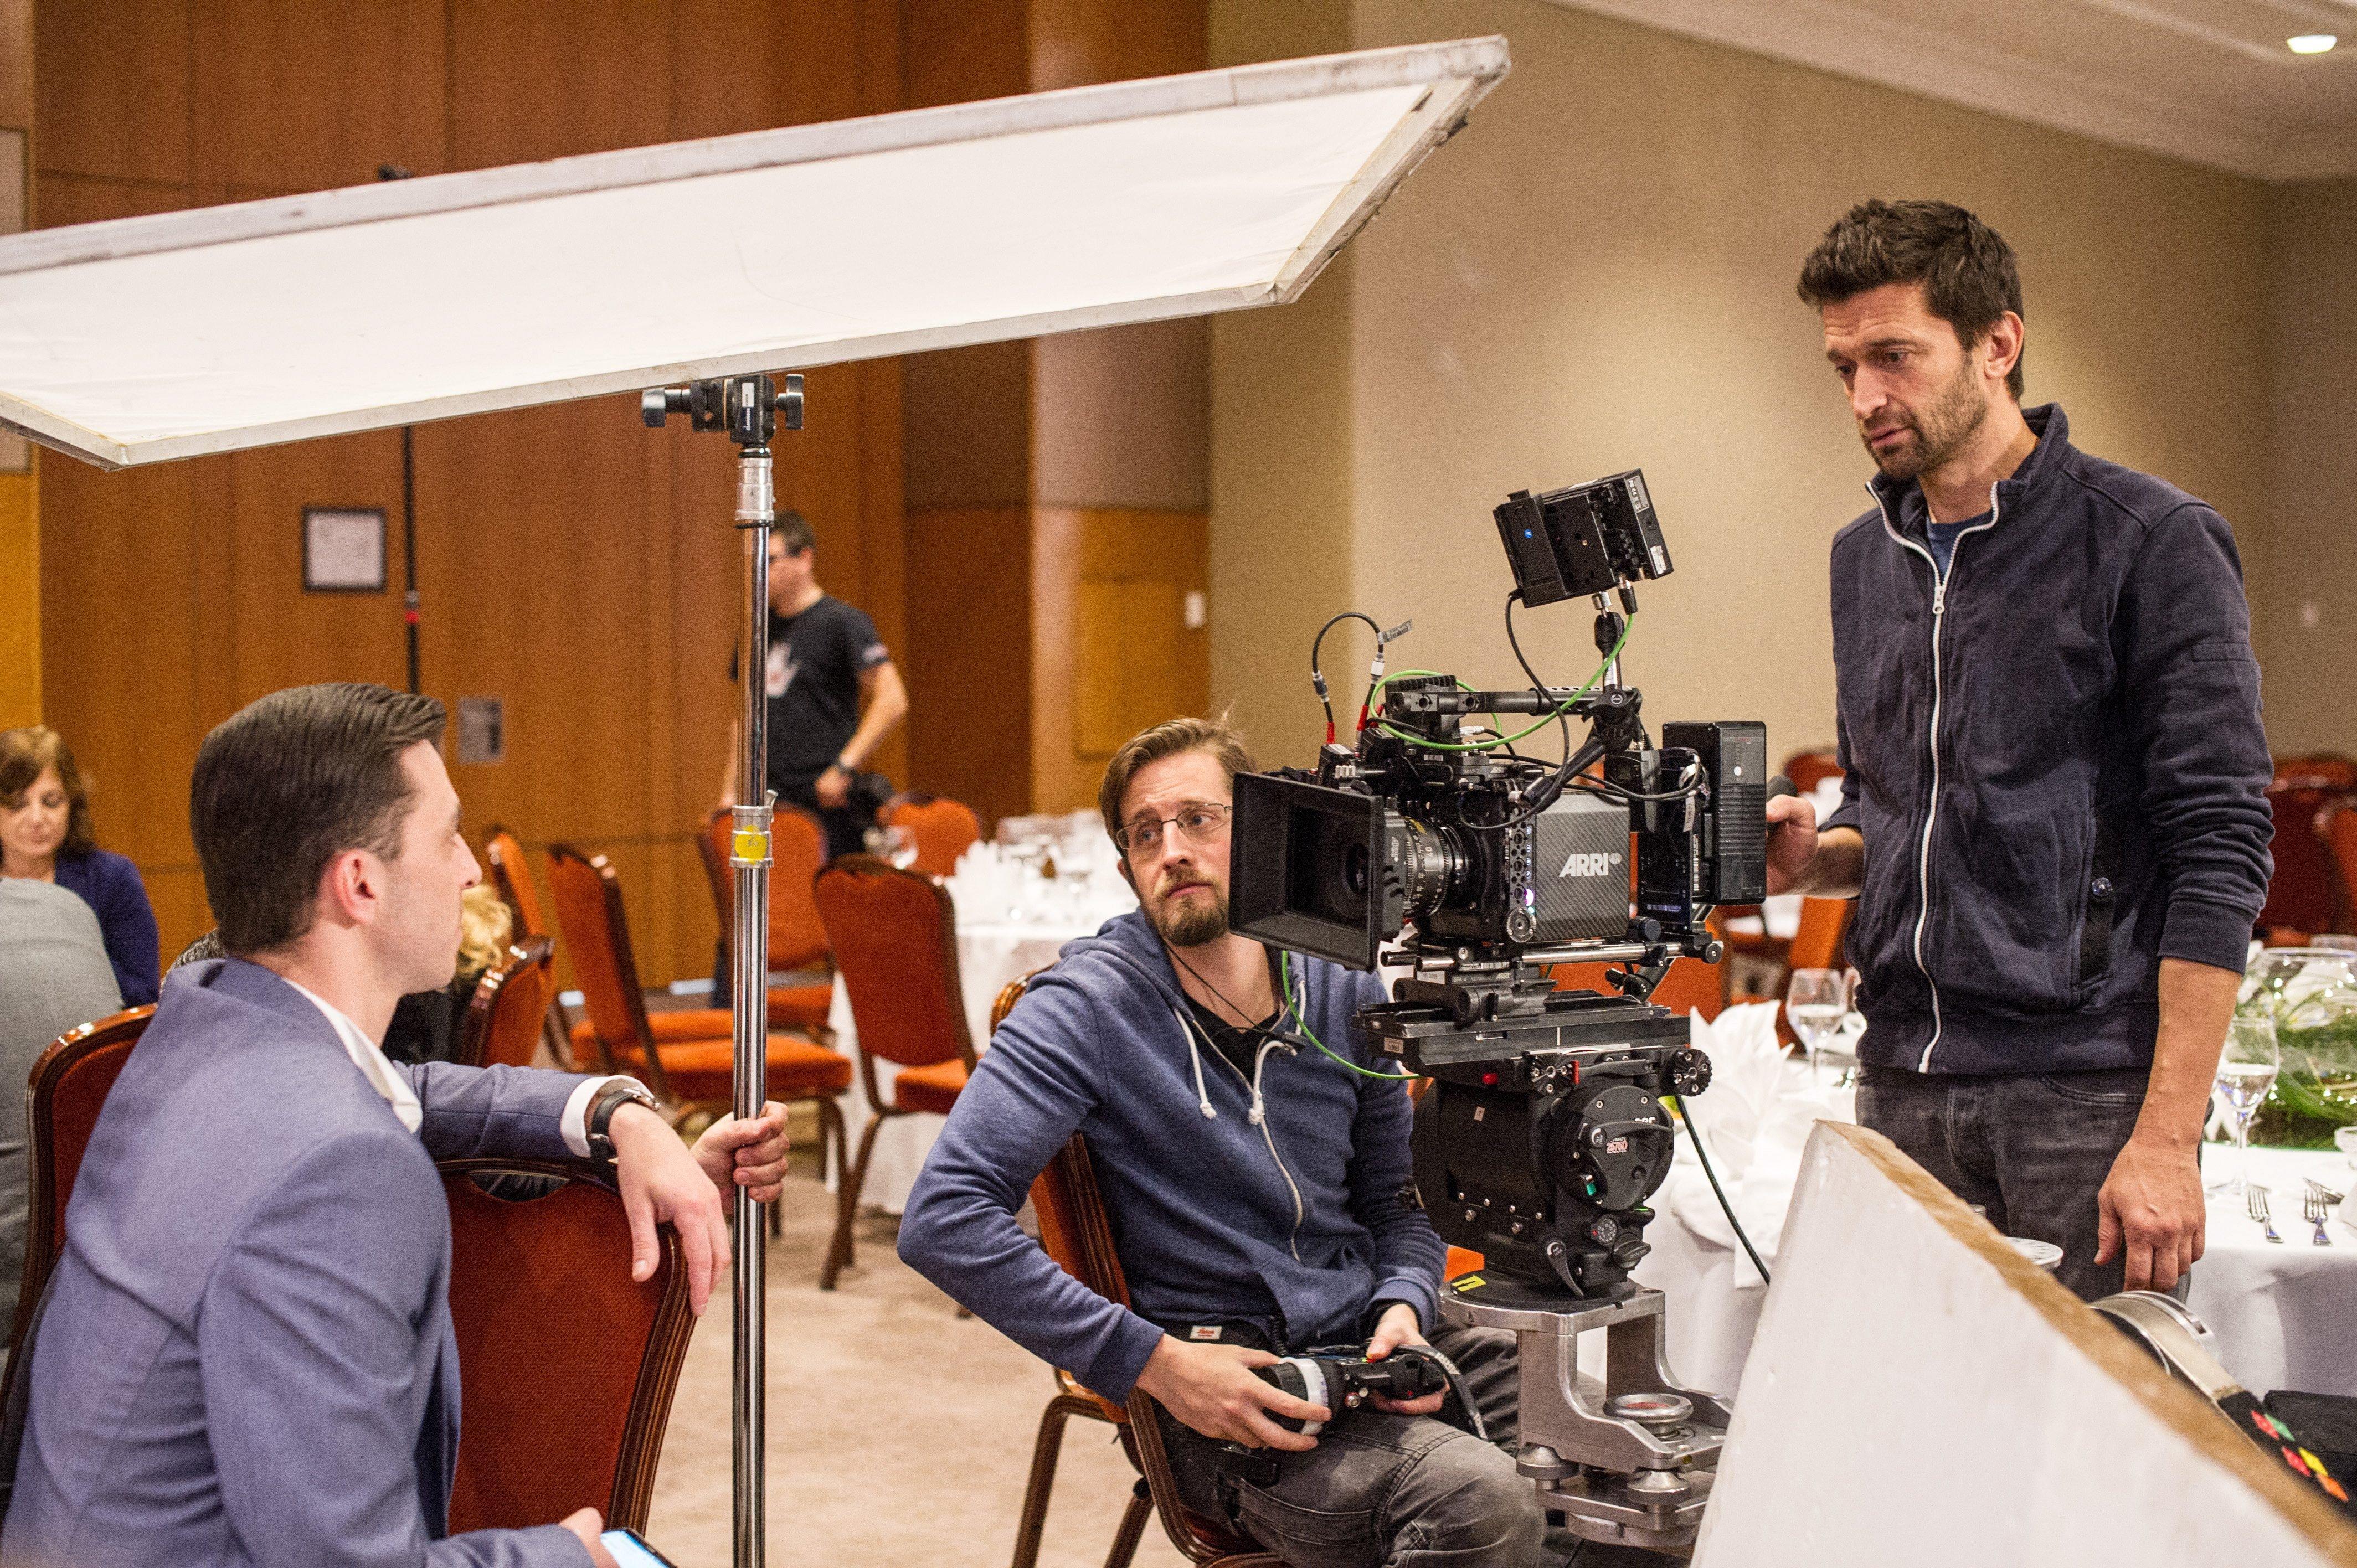 Új filmtámogatási alapot hozna létre a kormány a tévéfilmeknek